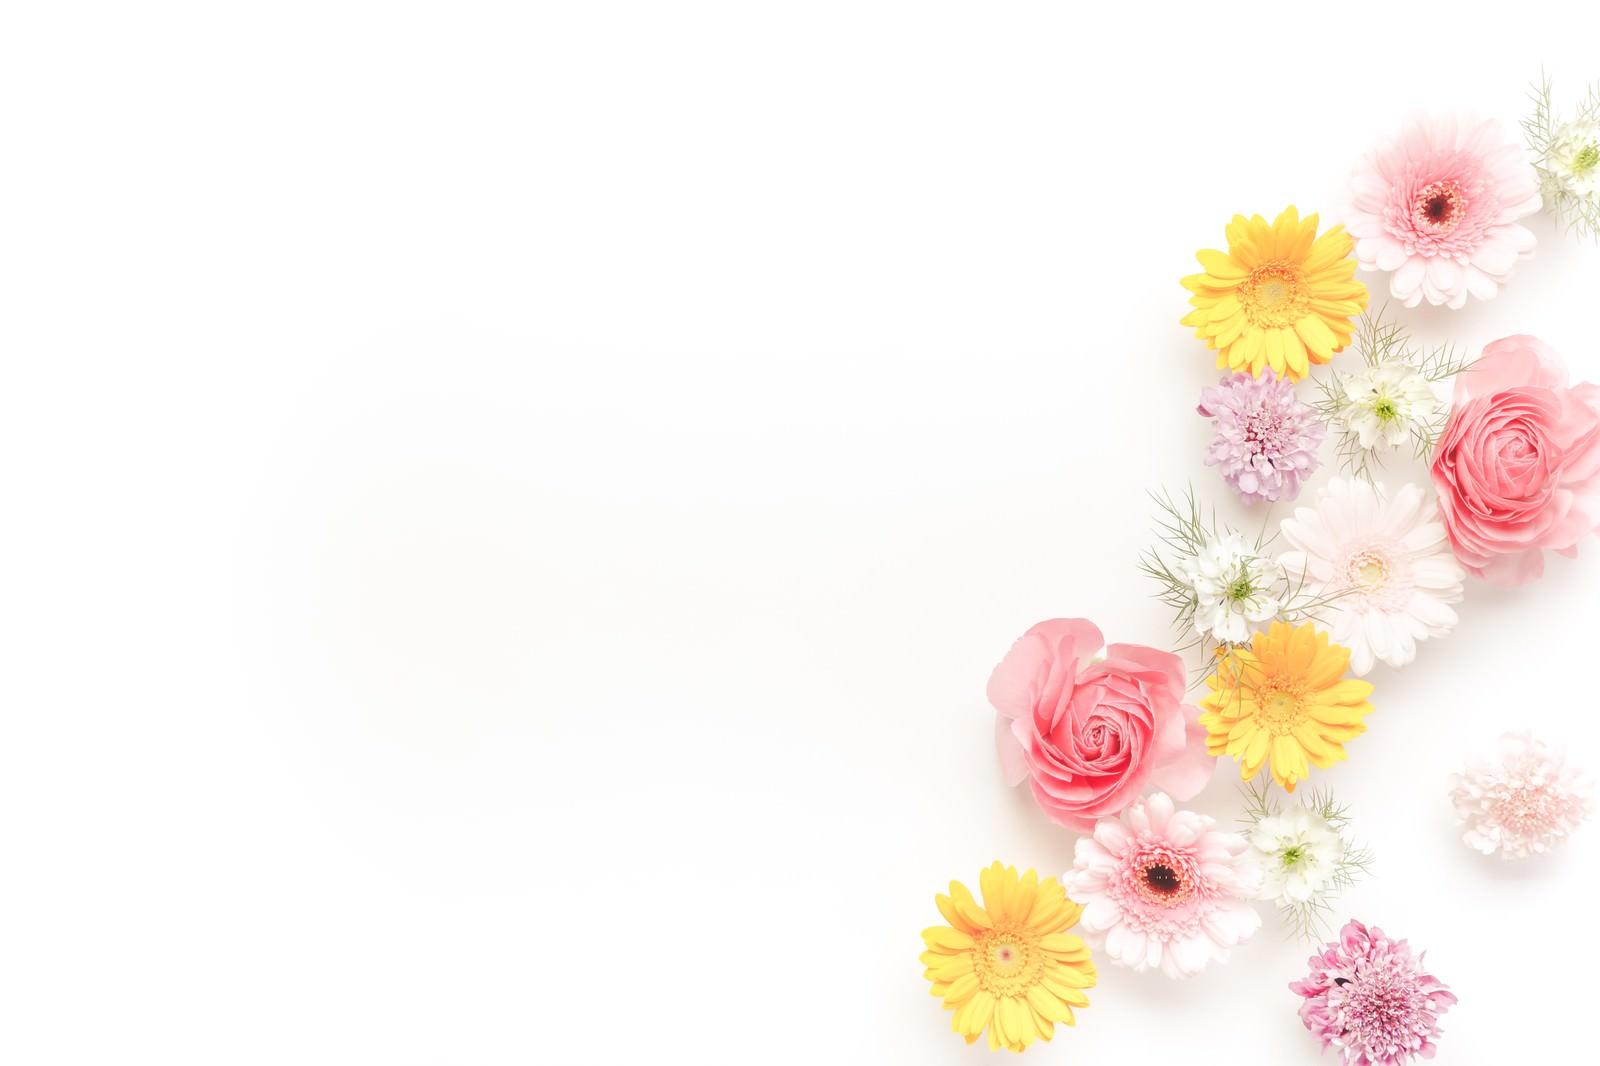 メッセージが入れやすい花の背景|ぱくたそフリー素材